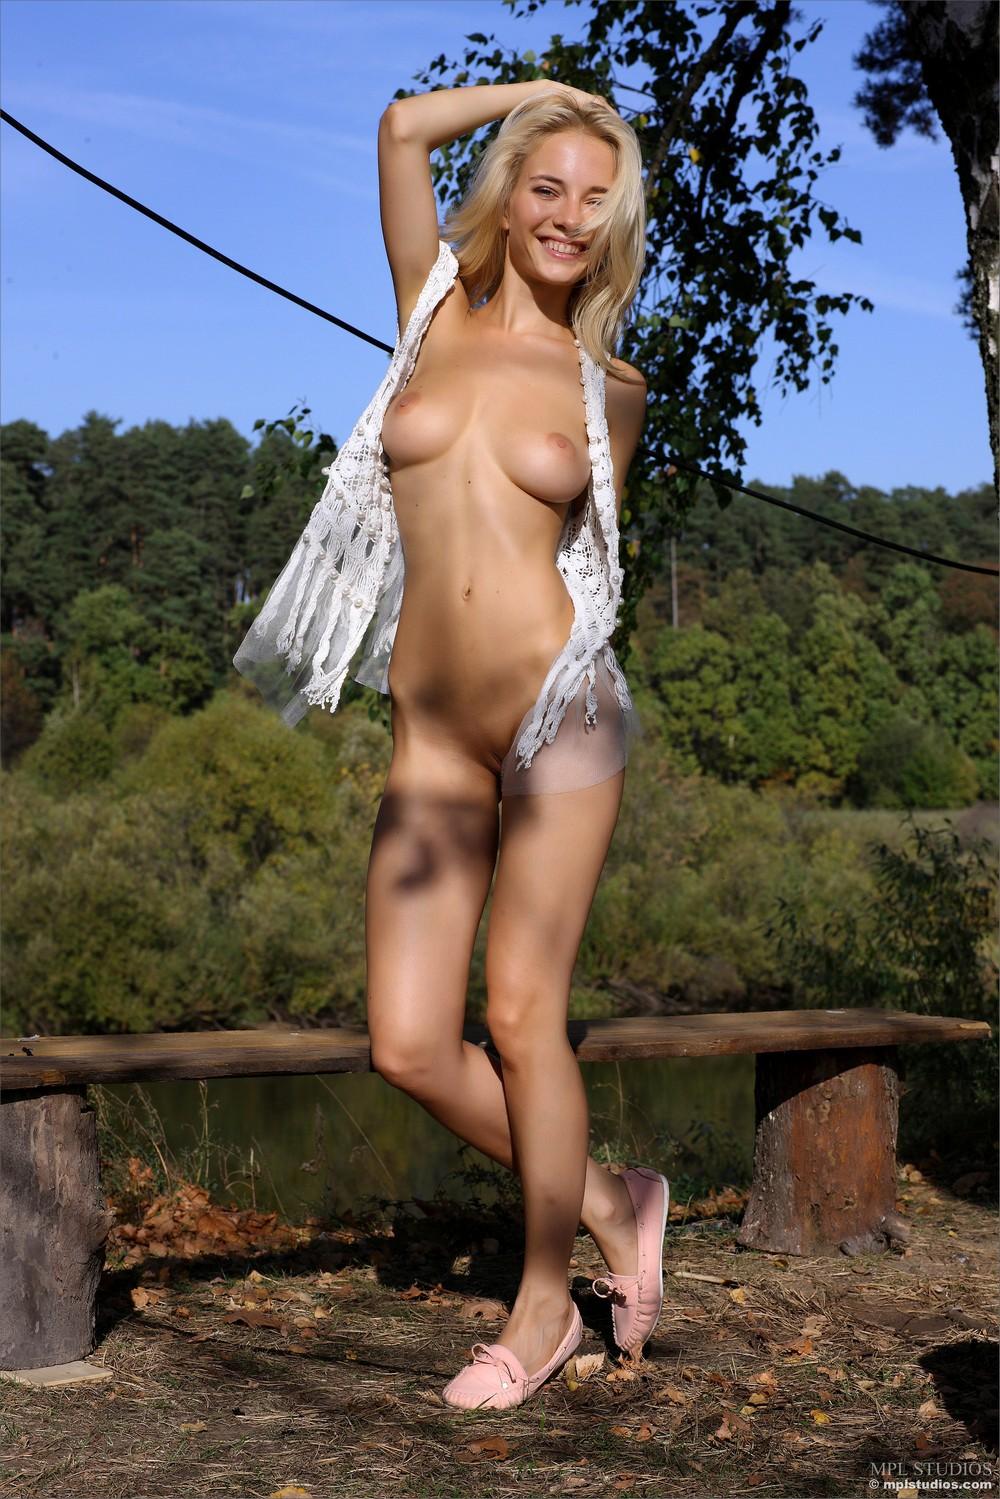 Белокурая Danica разделась на свежем воздухе